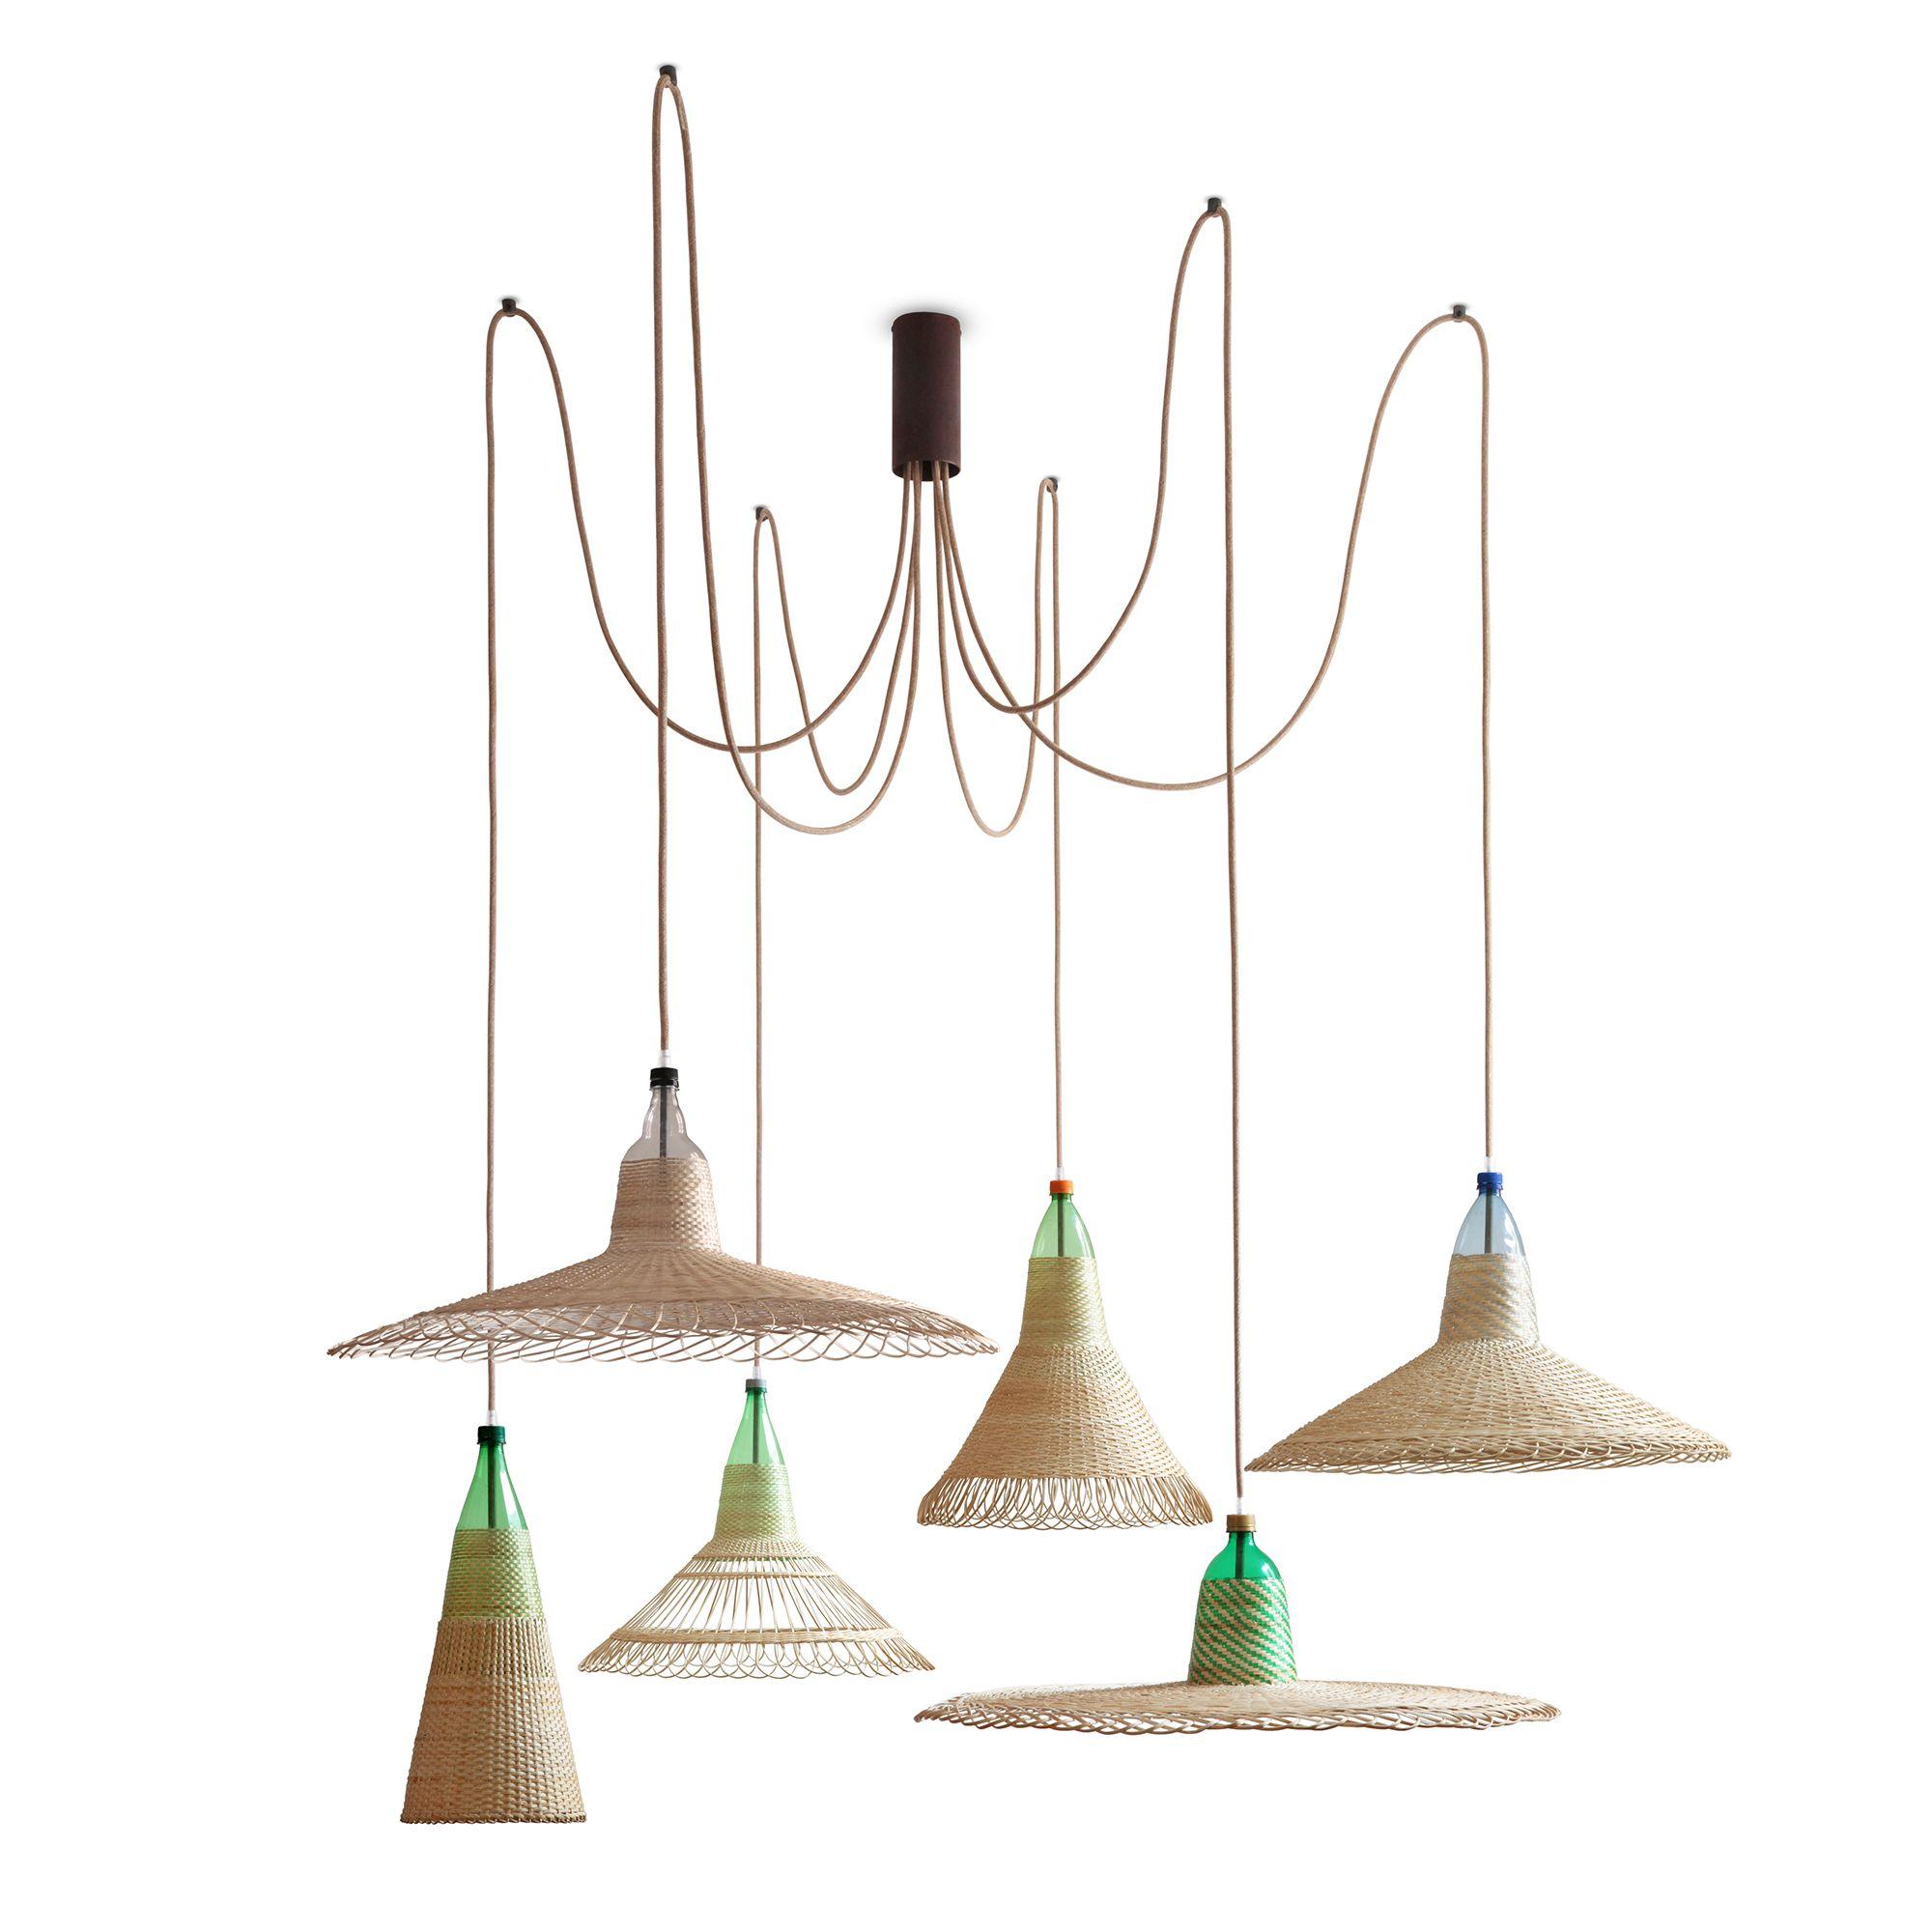 PET Lamp   CHIMBARONGO set de 6. Interesantes lámparas